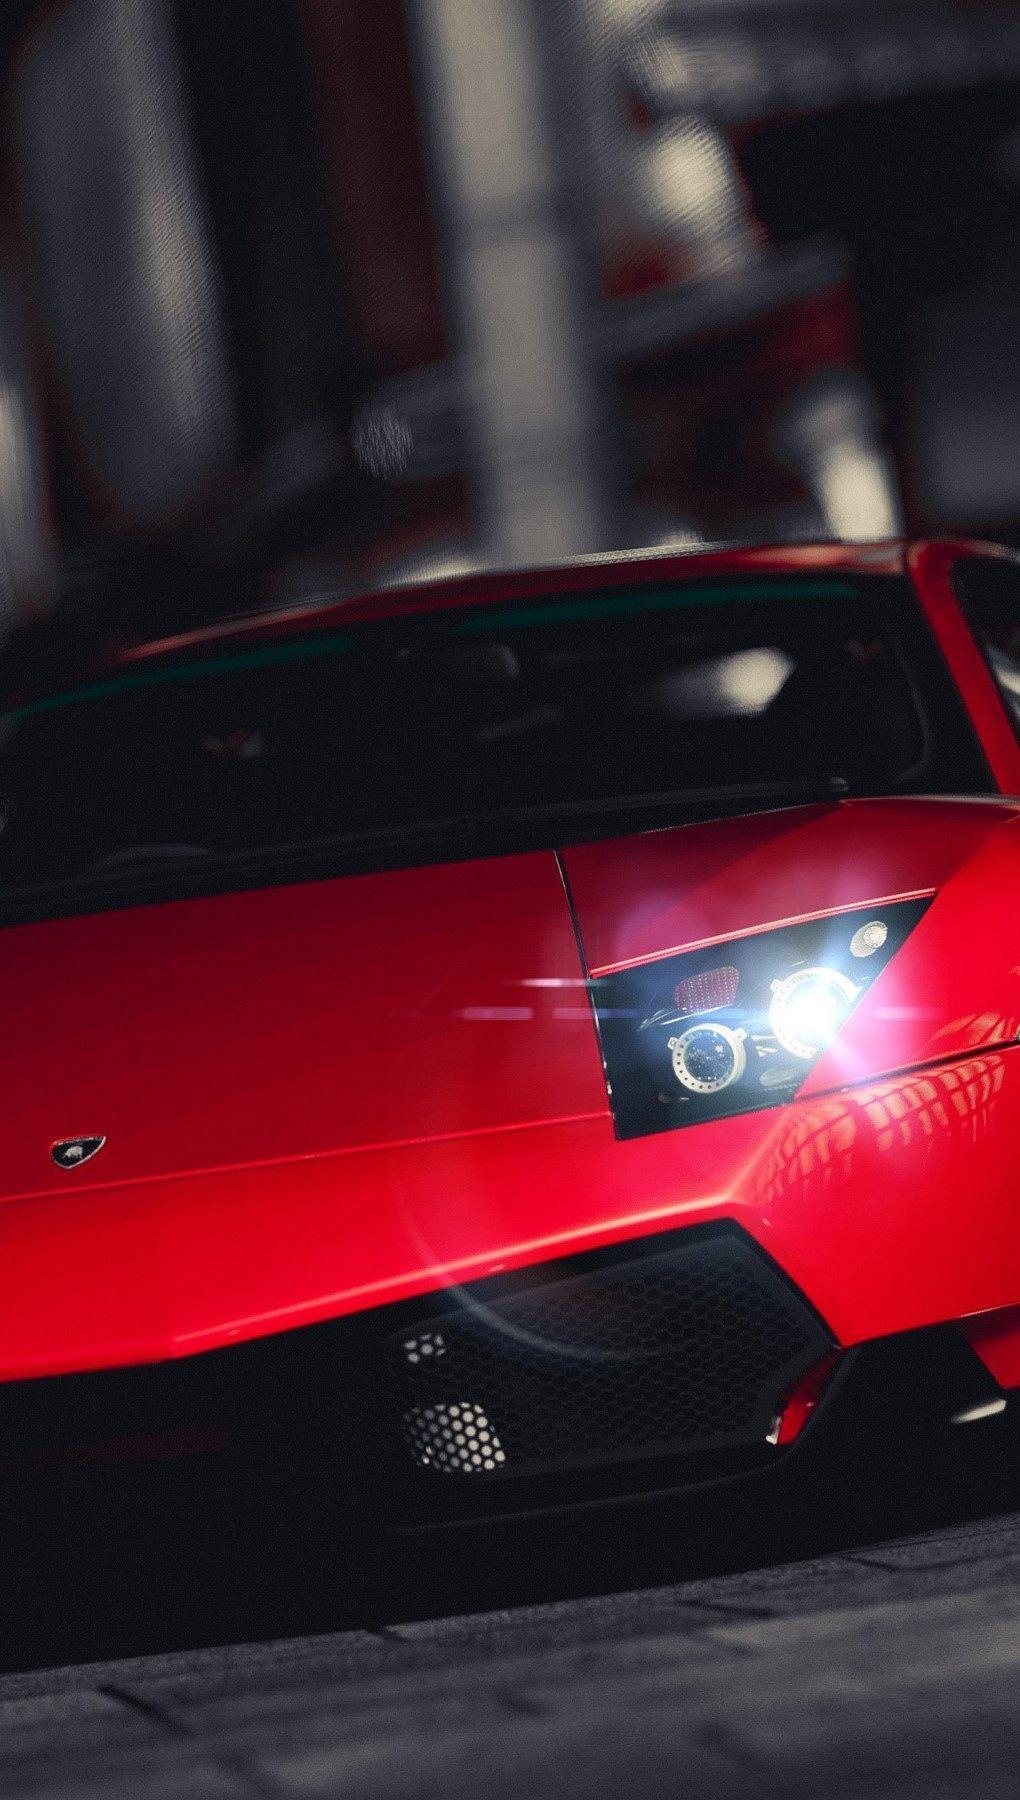 Fondos de pantalla Lamborghini murcielago Vertical